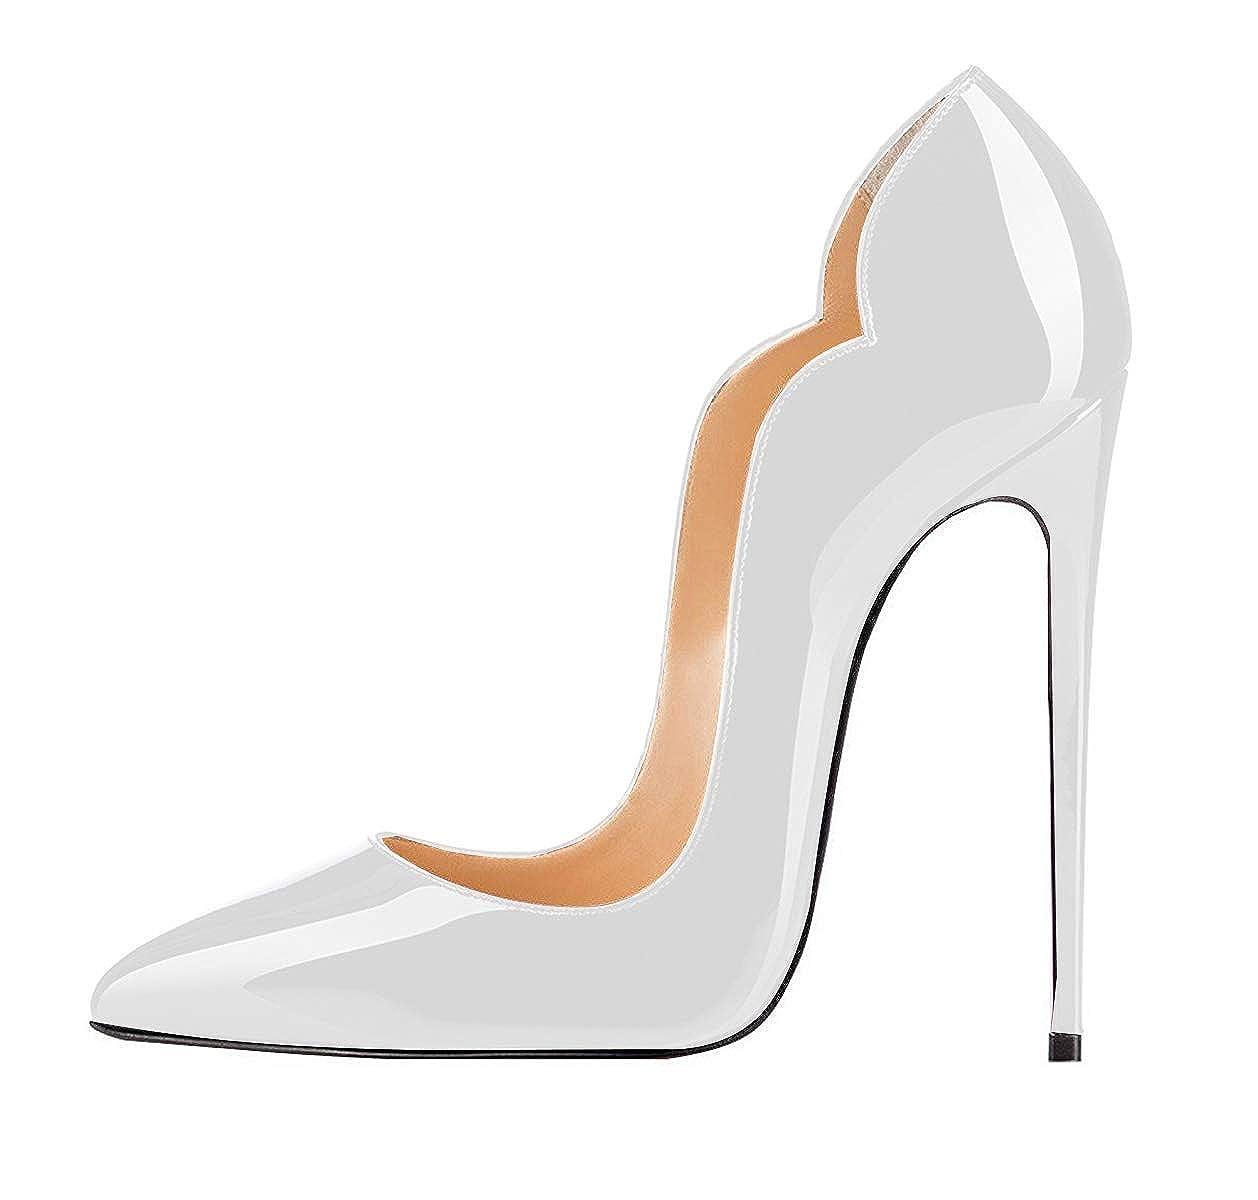 75fc7e0213 elashe Scarpe Decolte Donna - 12CM Scarpe col Tacco Pointed Toe - Classiche  Scarpe col Tacco